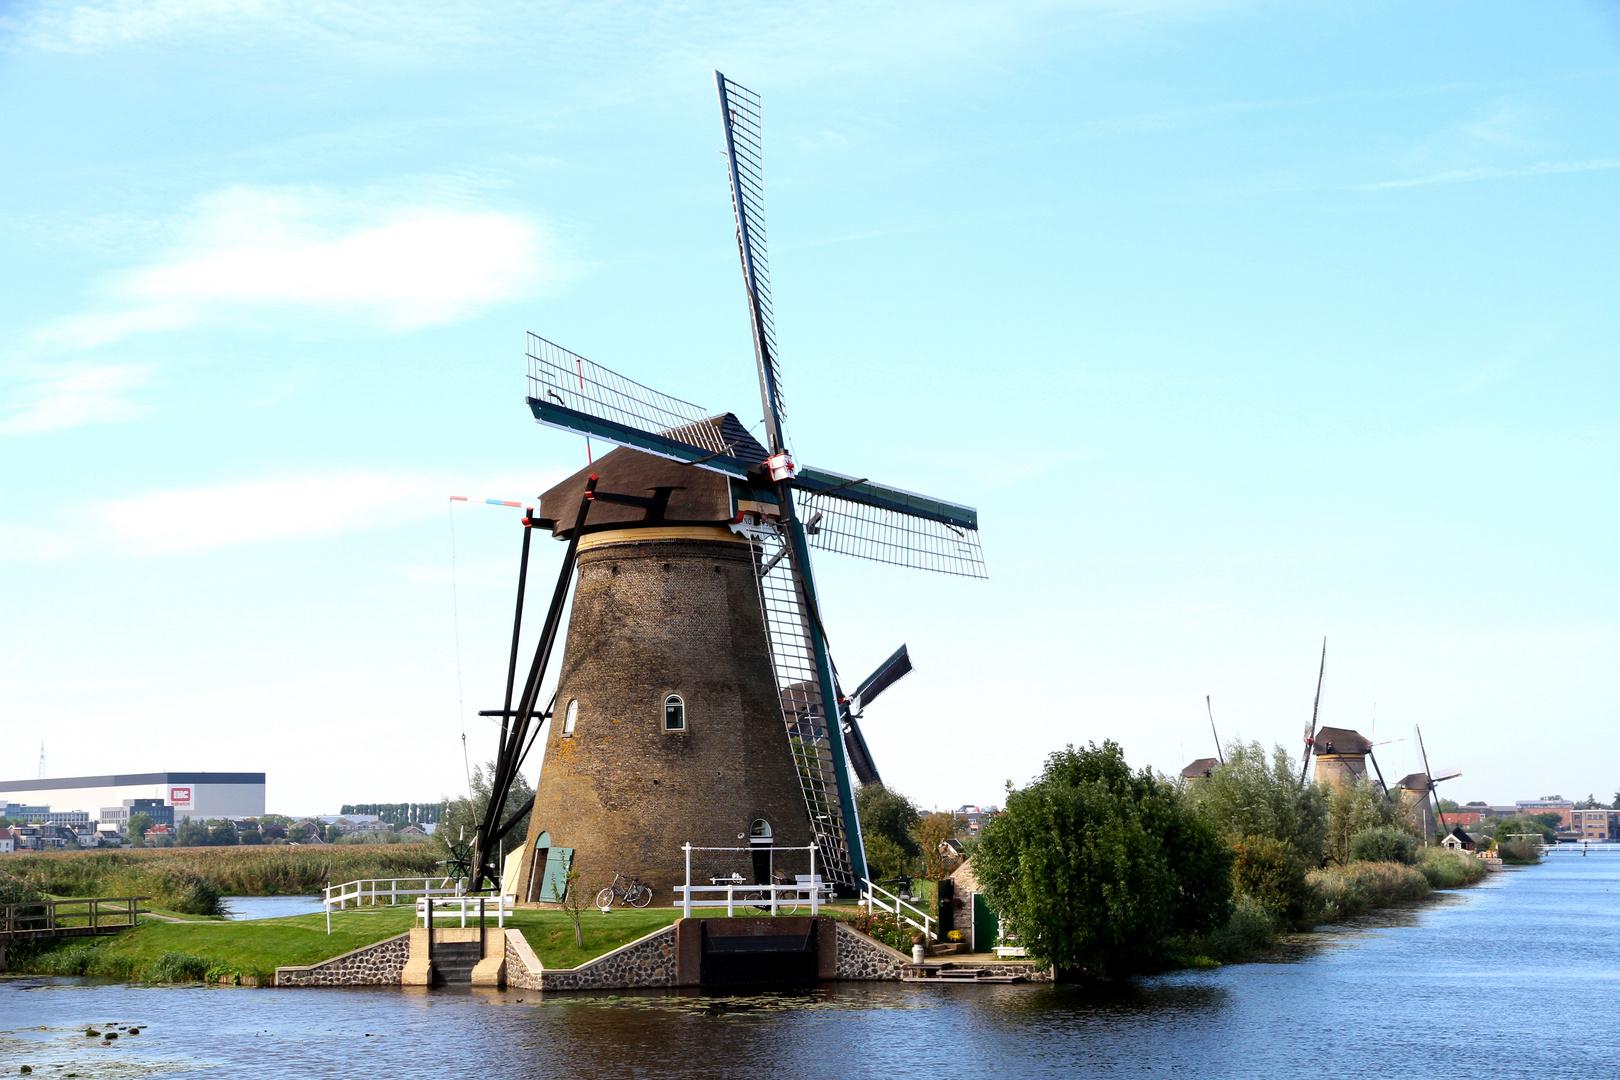 die Windmühlen von Kinderdijk bei noch schönem Wetter